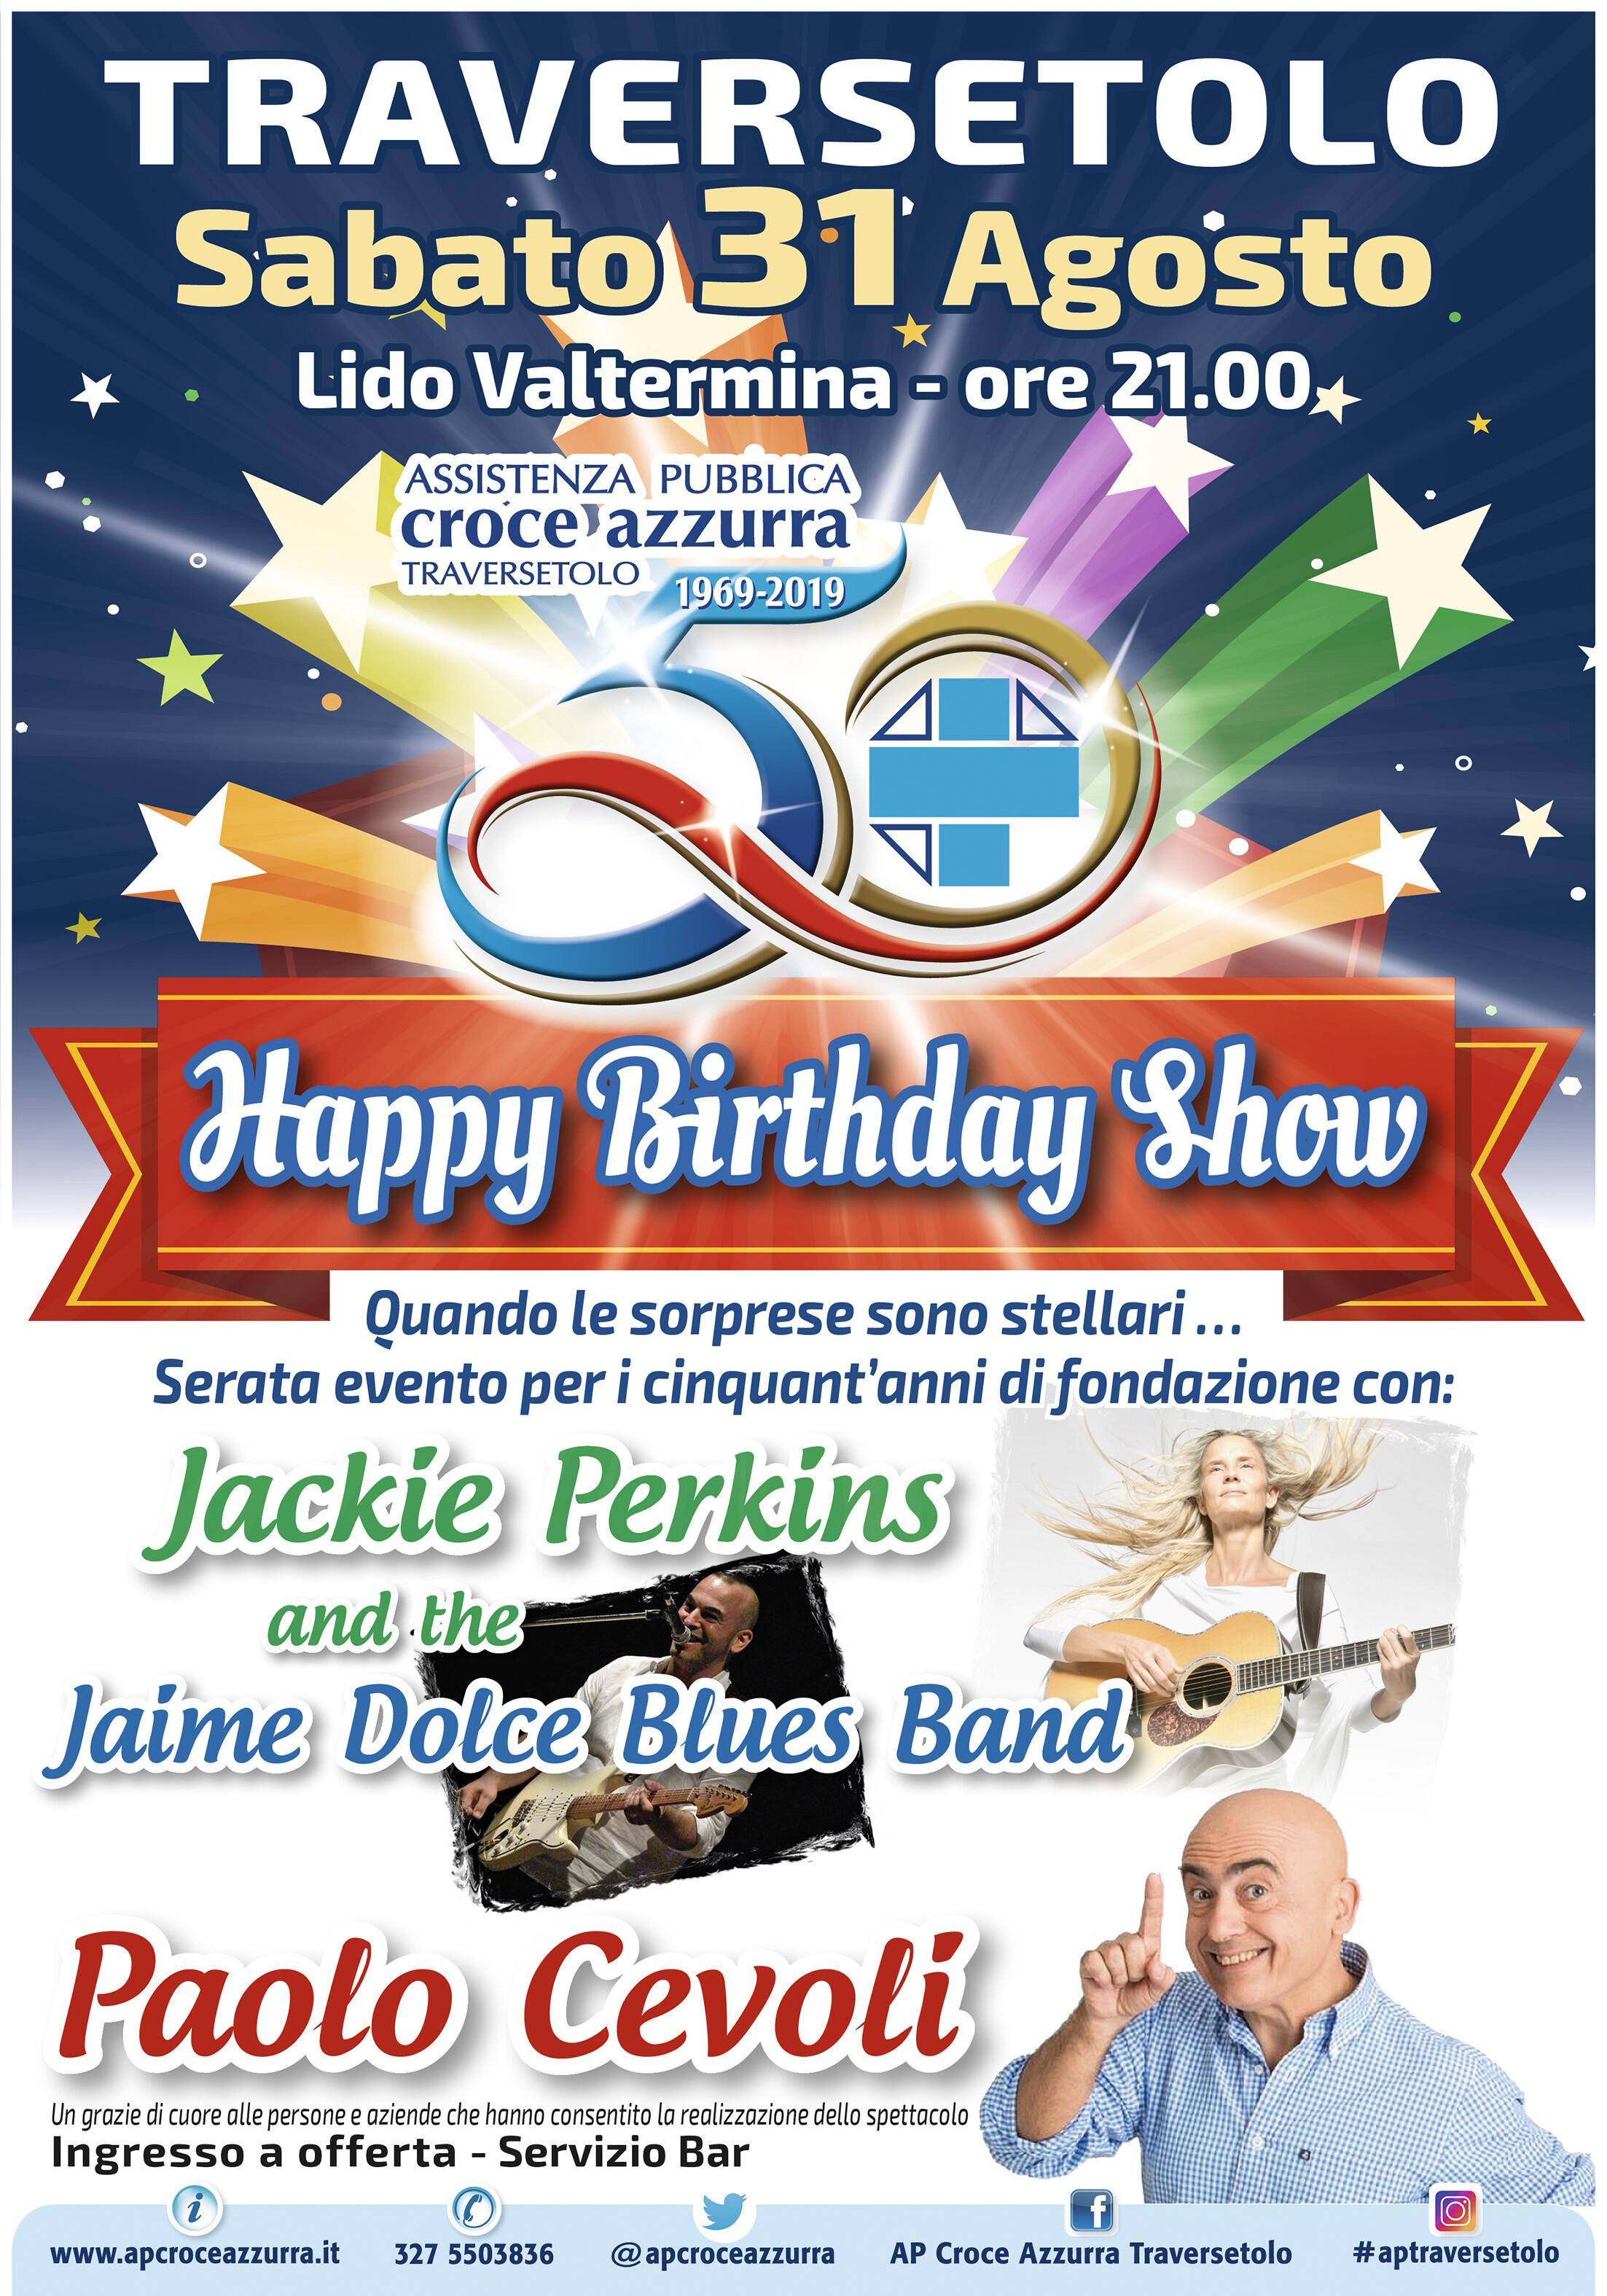 Happy Birthday Show Organizzato da AP Croce Azzurra e Protezione Civile Traversetolo